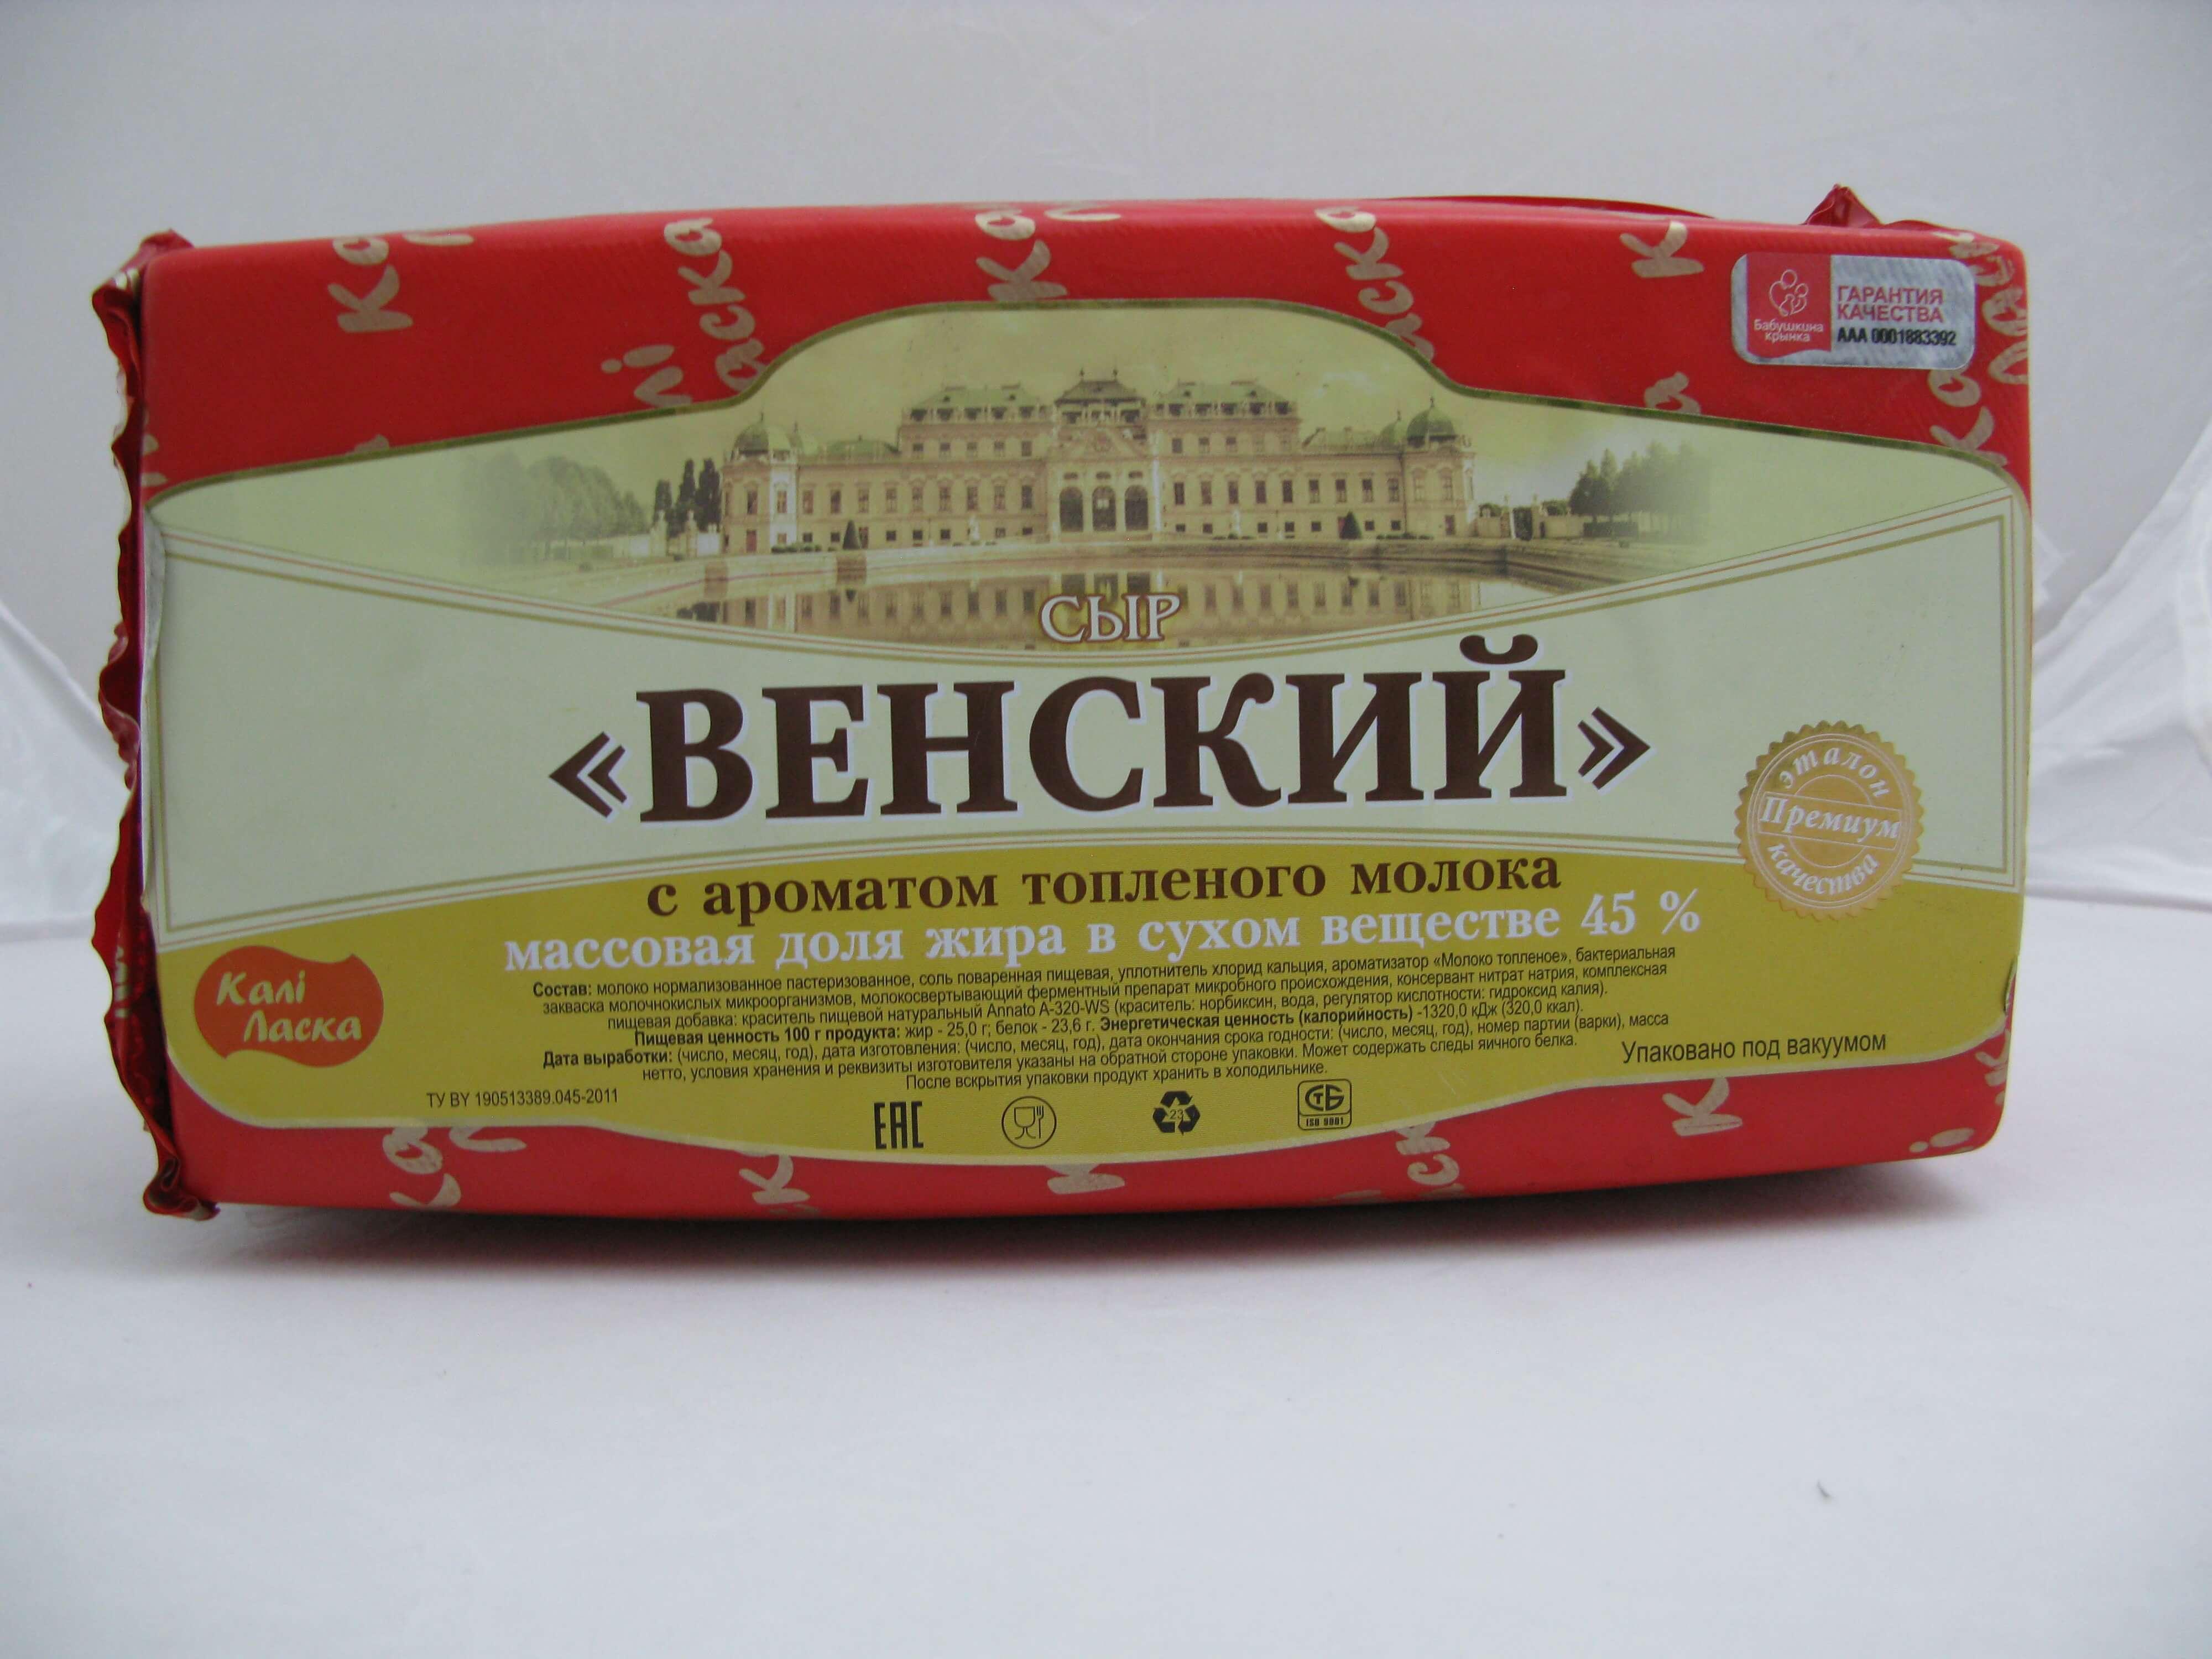 Венский (Бабушкина крынка)